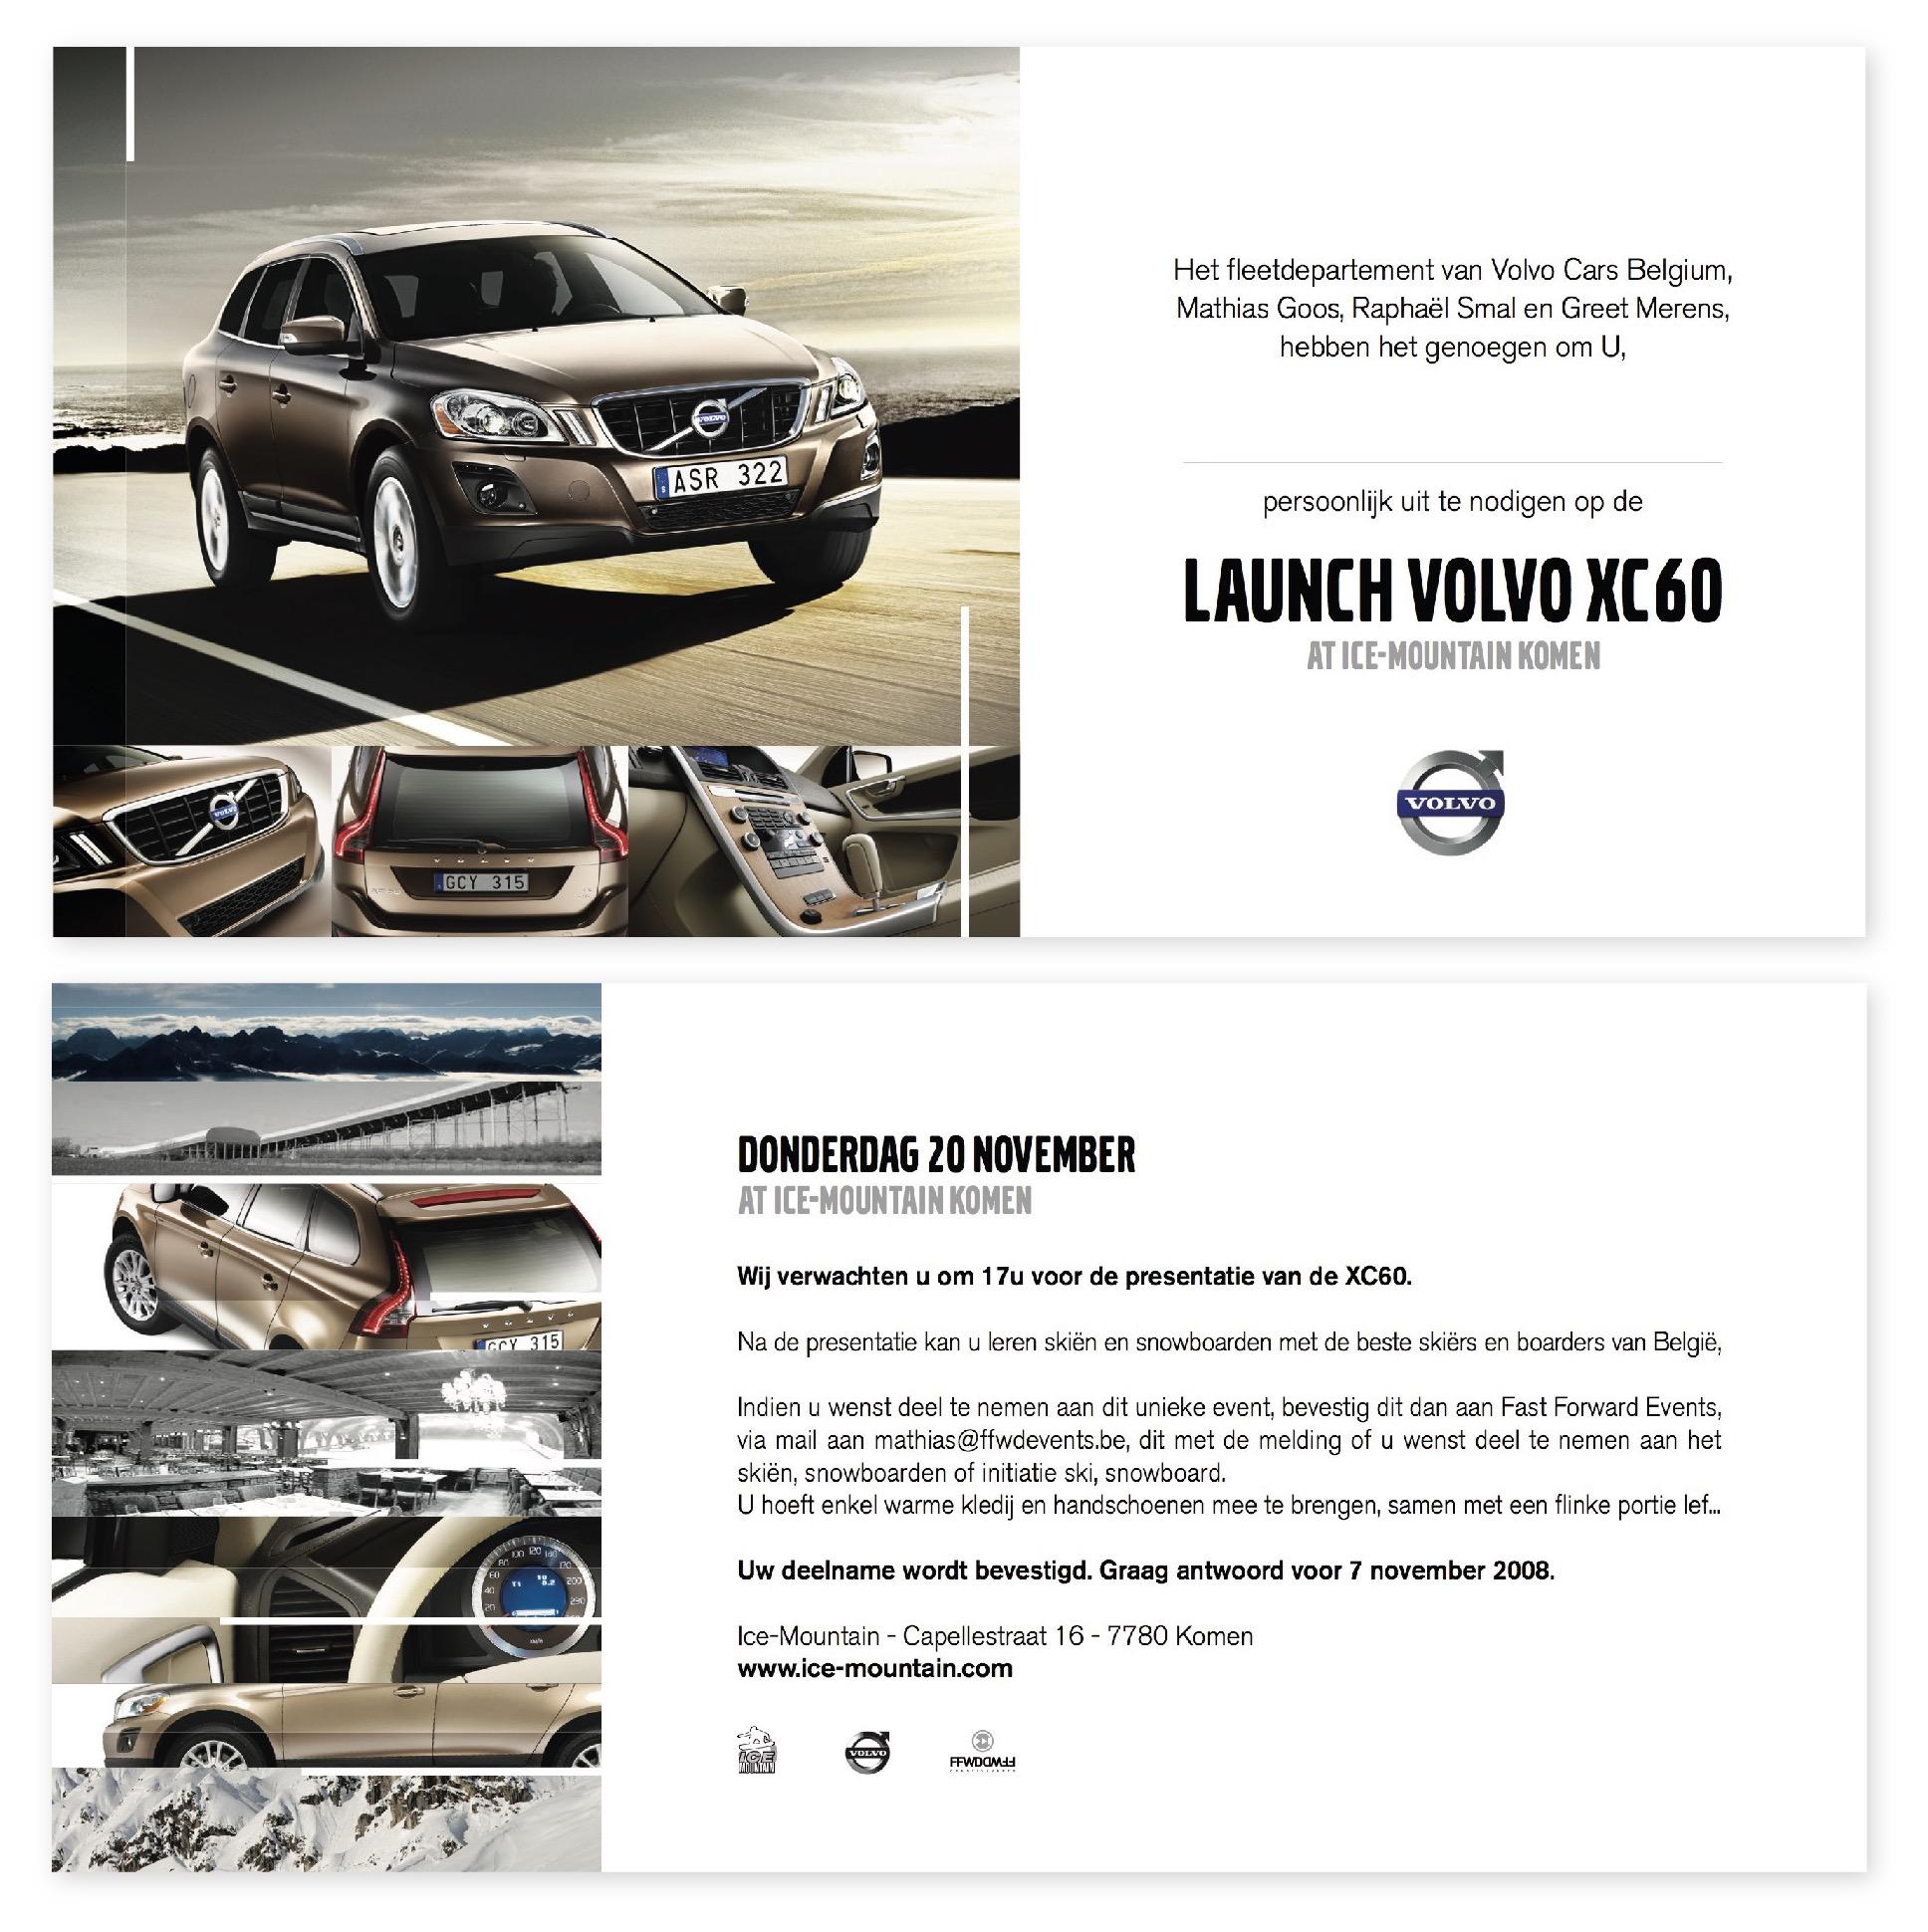 Volvo ACG